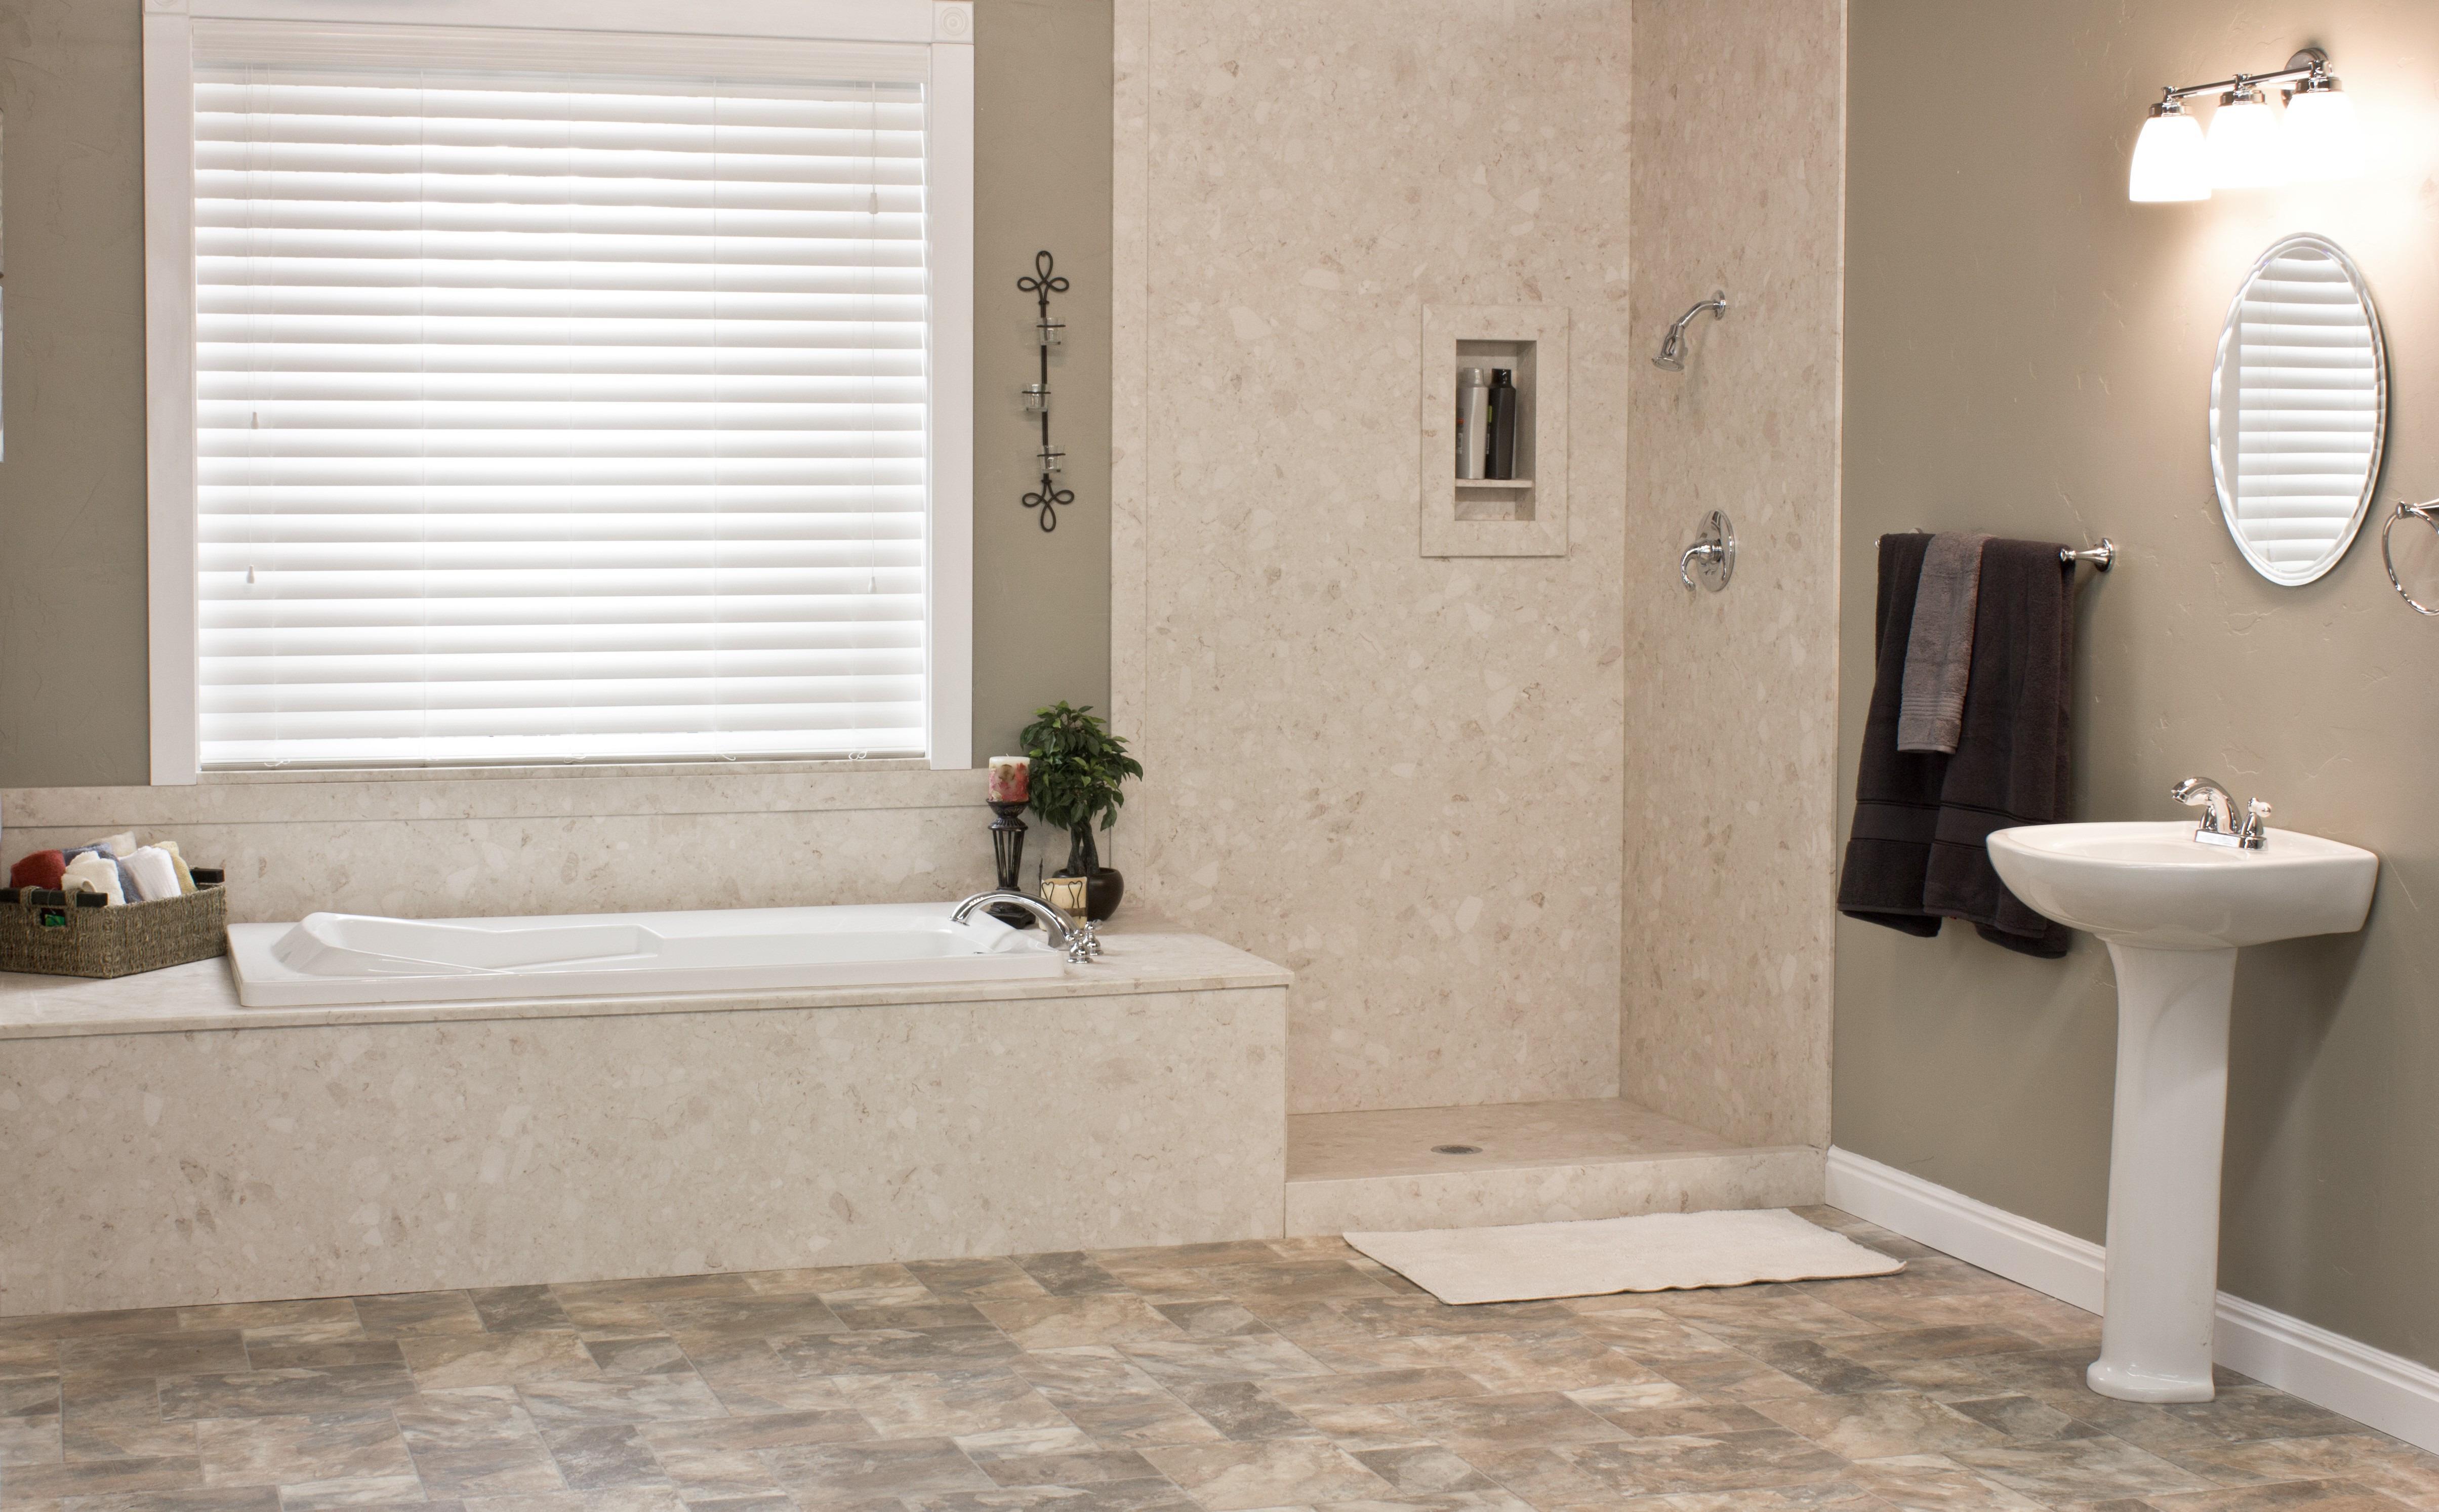 MasterWork Home - Bathroom remodel ontario ca